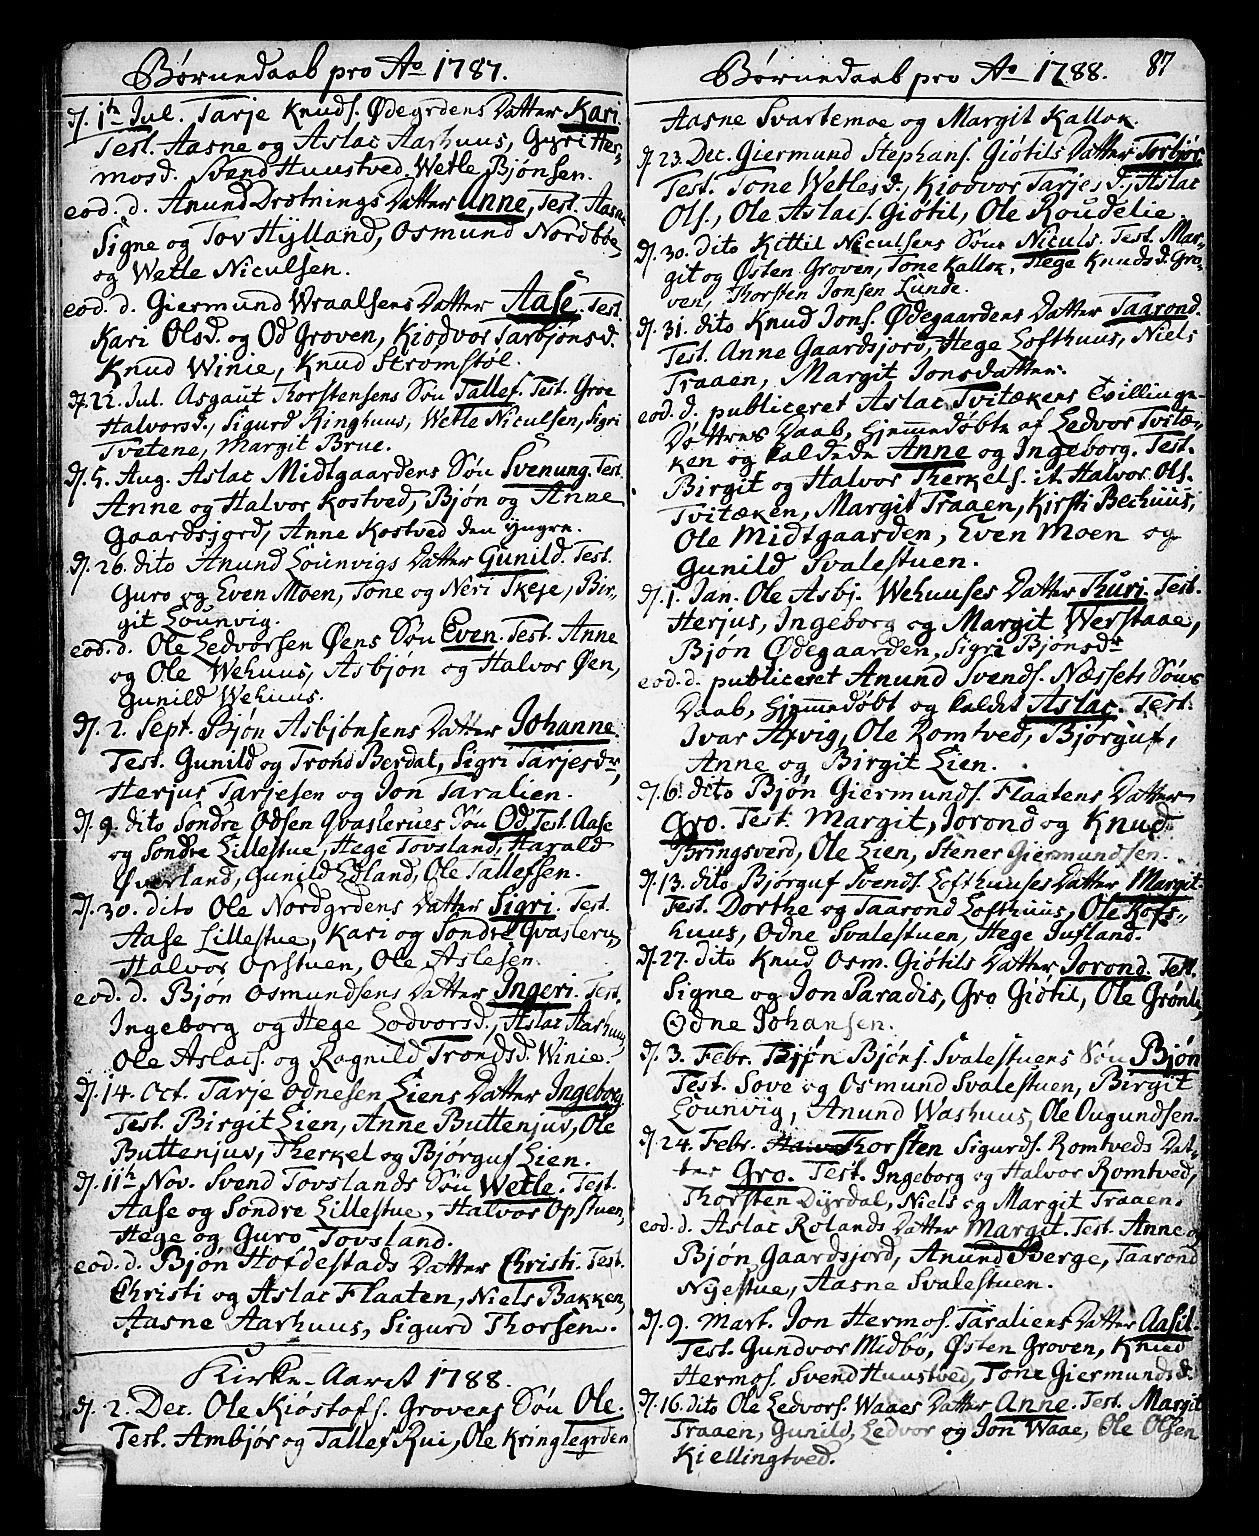 SAKO, Vinje kirkebøker, F/Fa/L0002: Ministerialbok nr. I 2, 1767-1814, s. 87